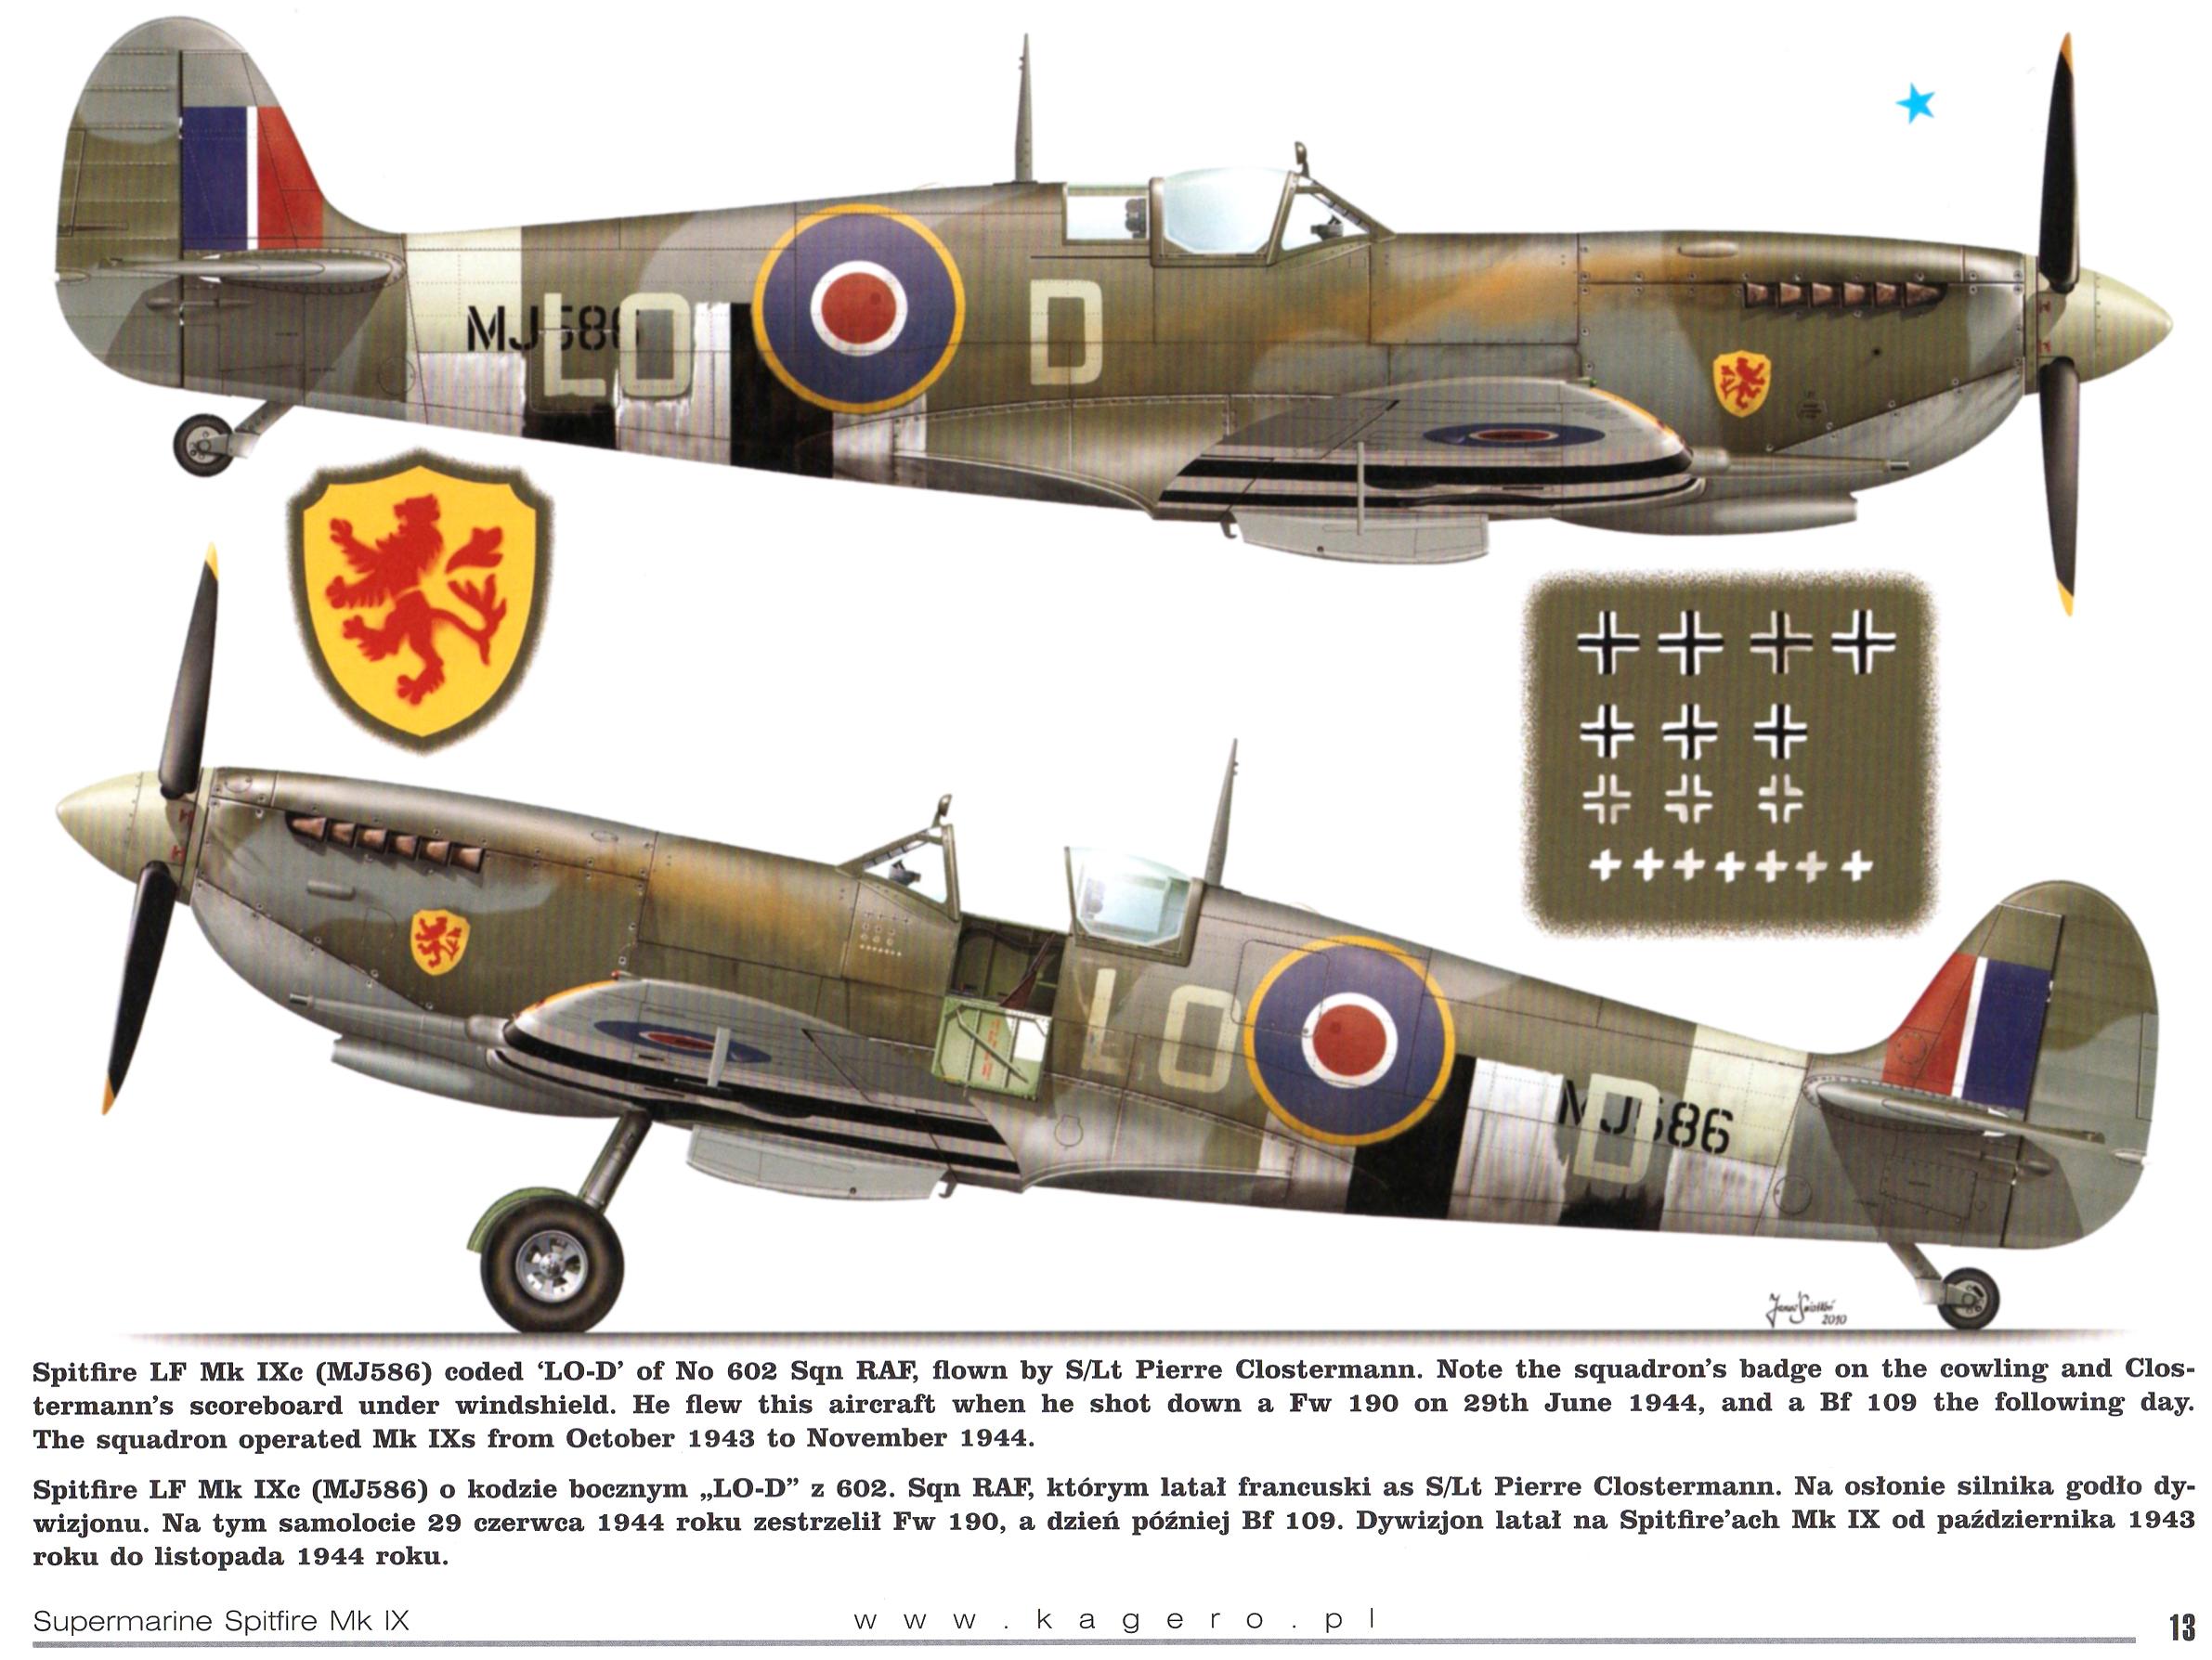 Spitfire LFIX RAF 602Sqn LOD Pierre Clostermann MJ586 TC15015 Supermarine Spitfire MkIX Page 13